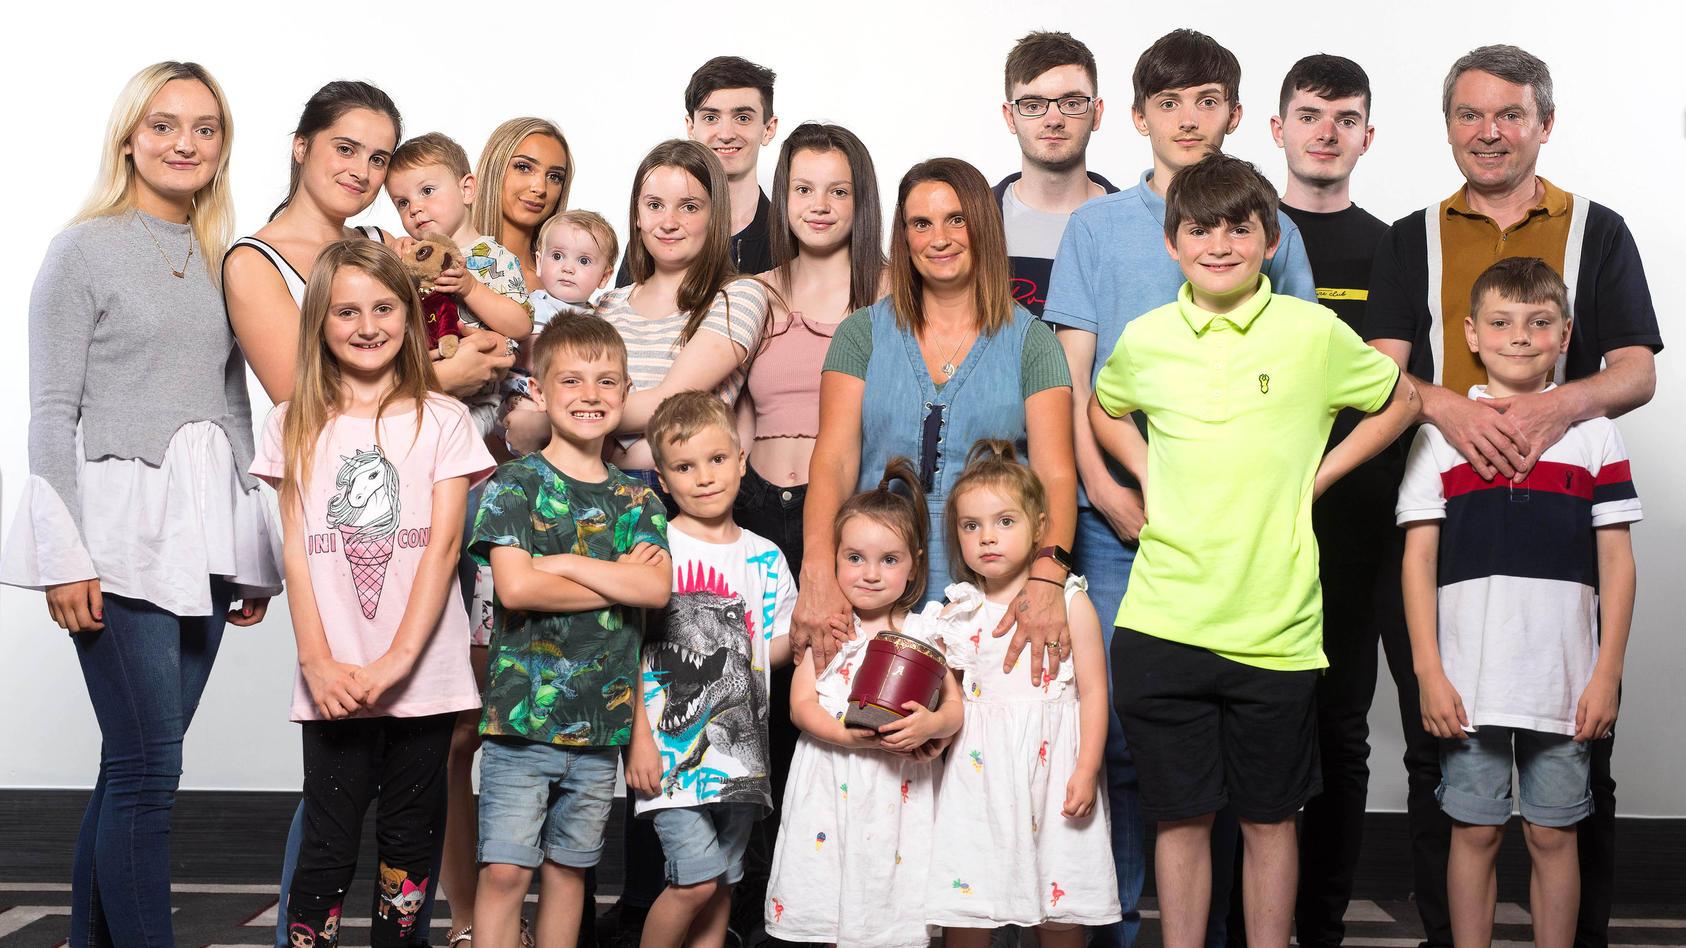 Die Radford-Familie  bei einem Fotoshooting am 30.07.2019.